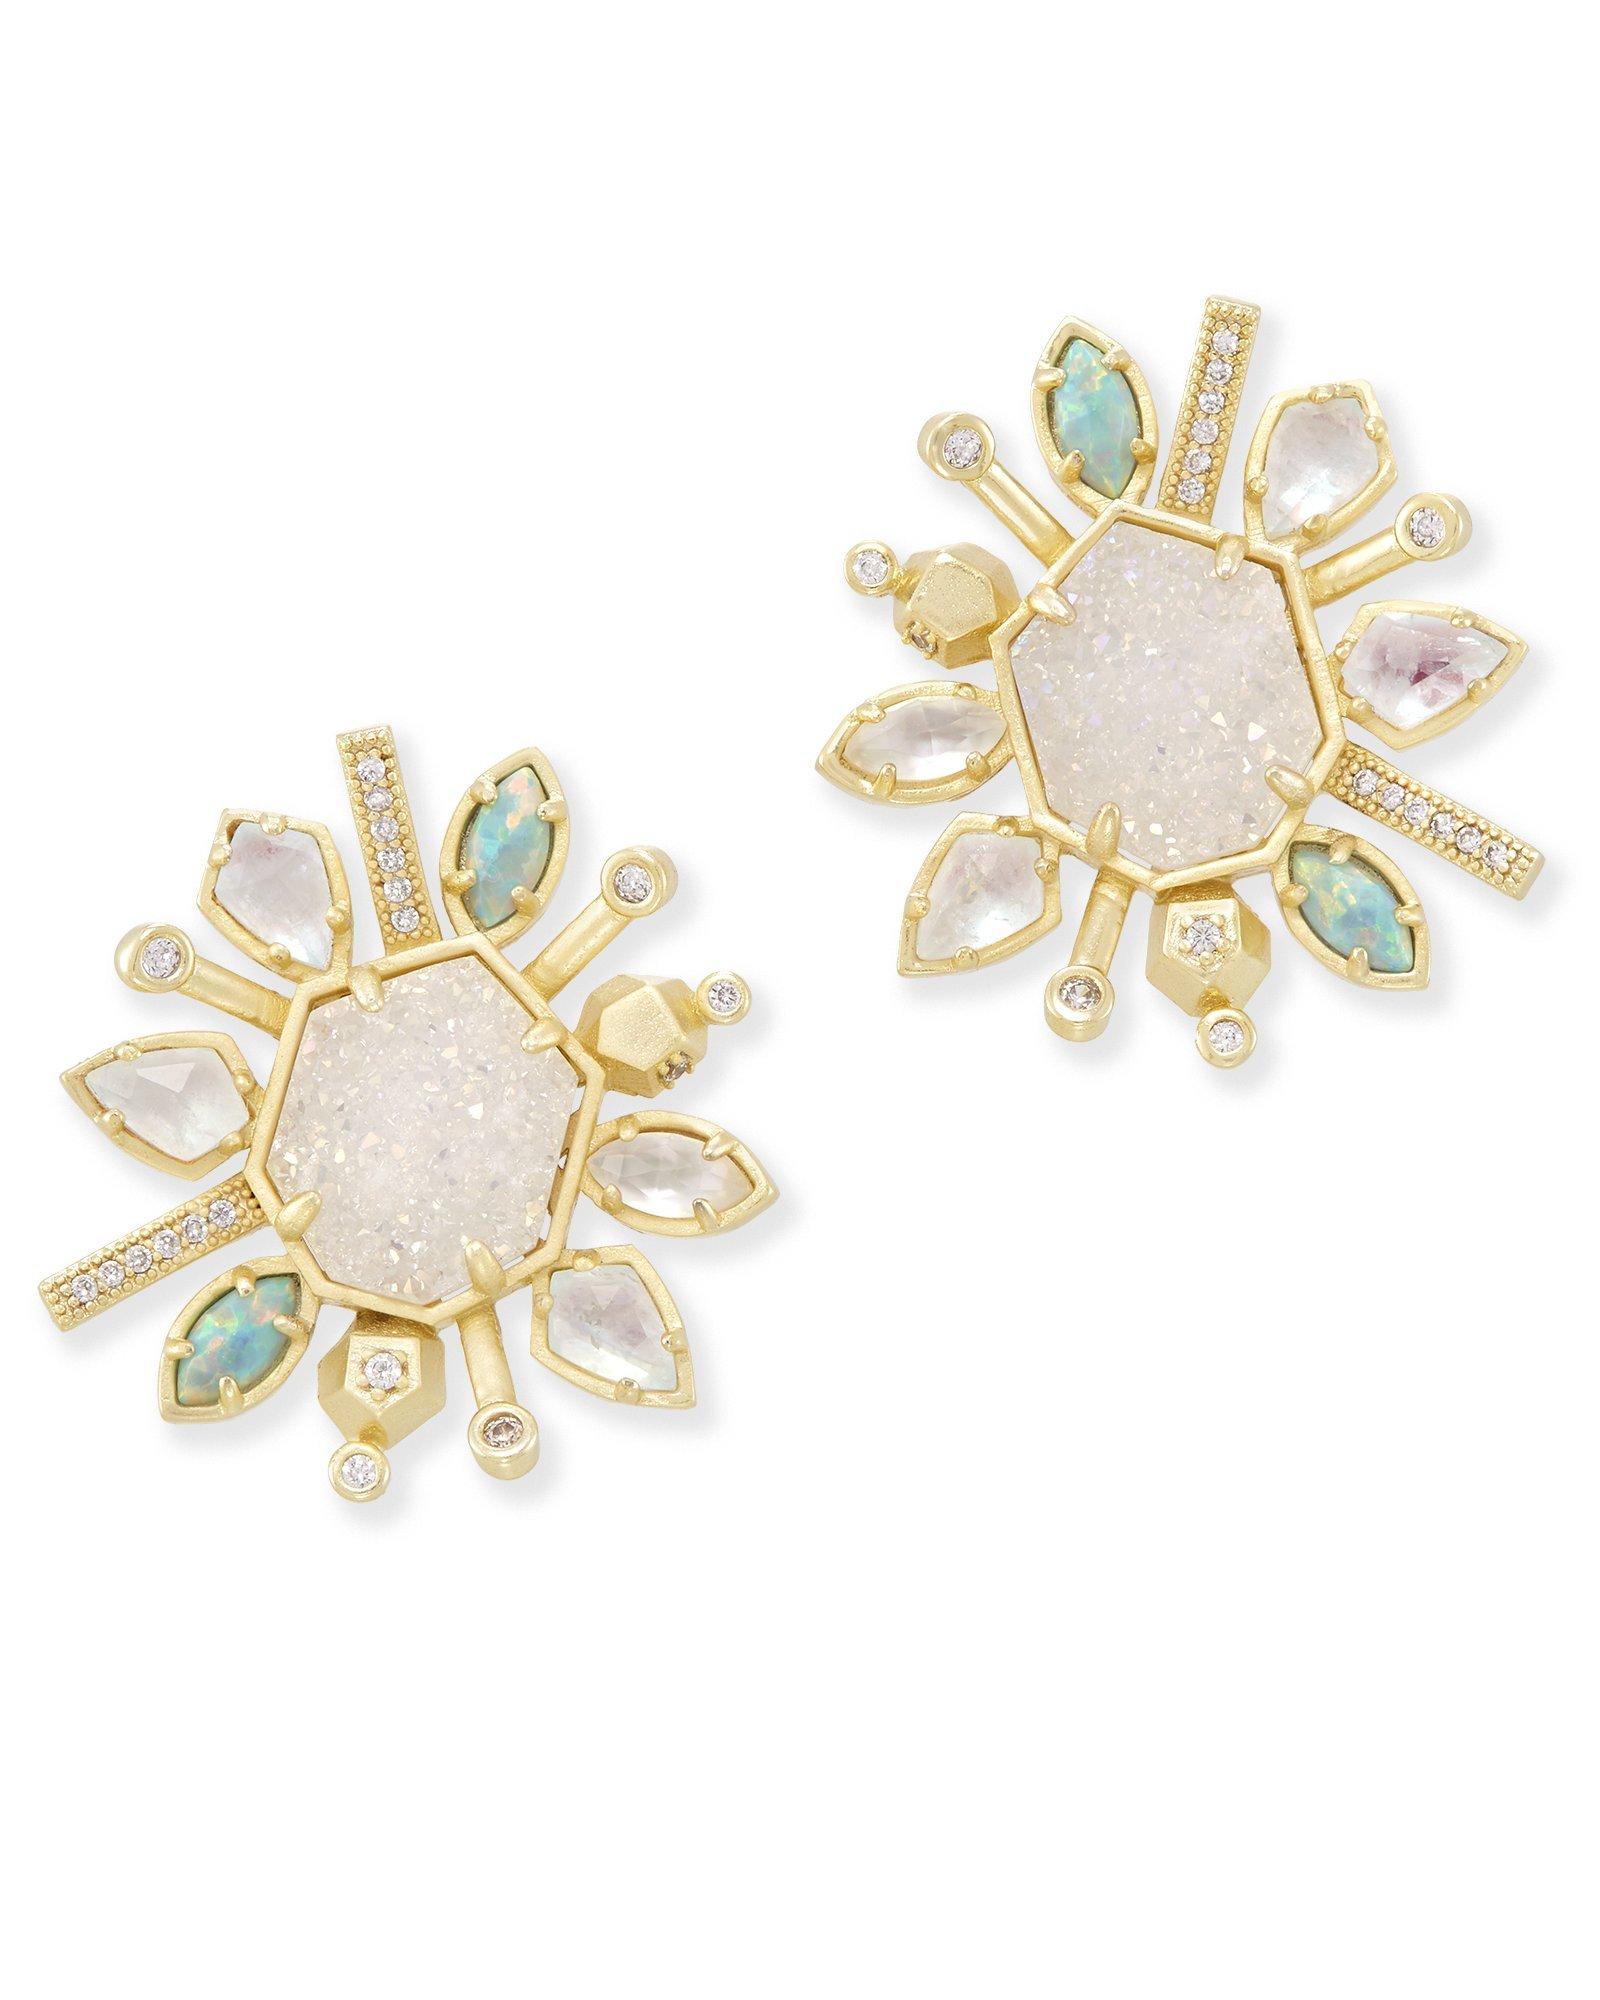 Kendra Scott Women's Ophelia Earrings Gold/Haven Colorway Earring by Kendra Scott